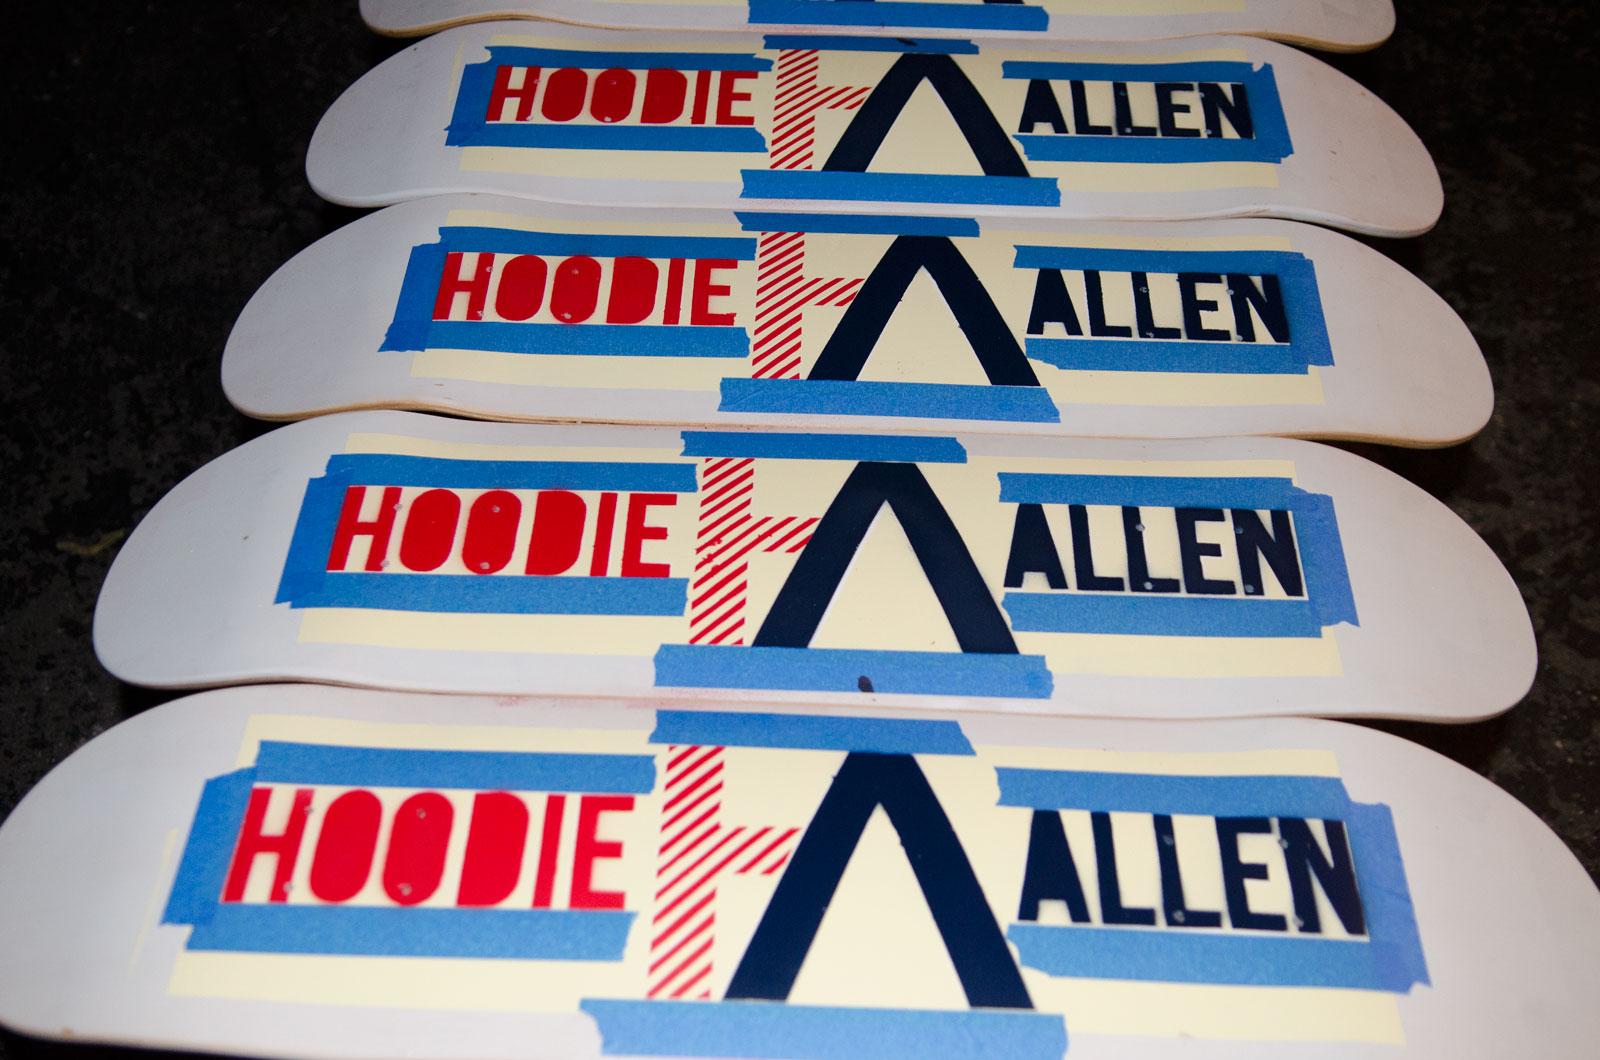 hoodie-allen-skateboards_1.jpg